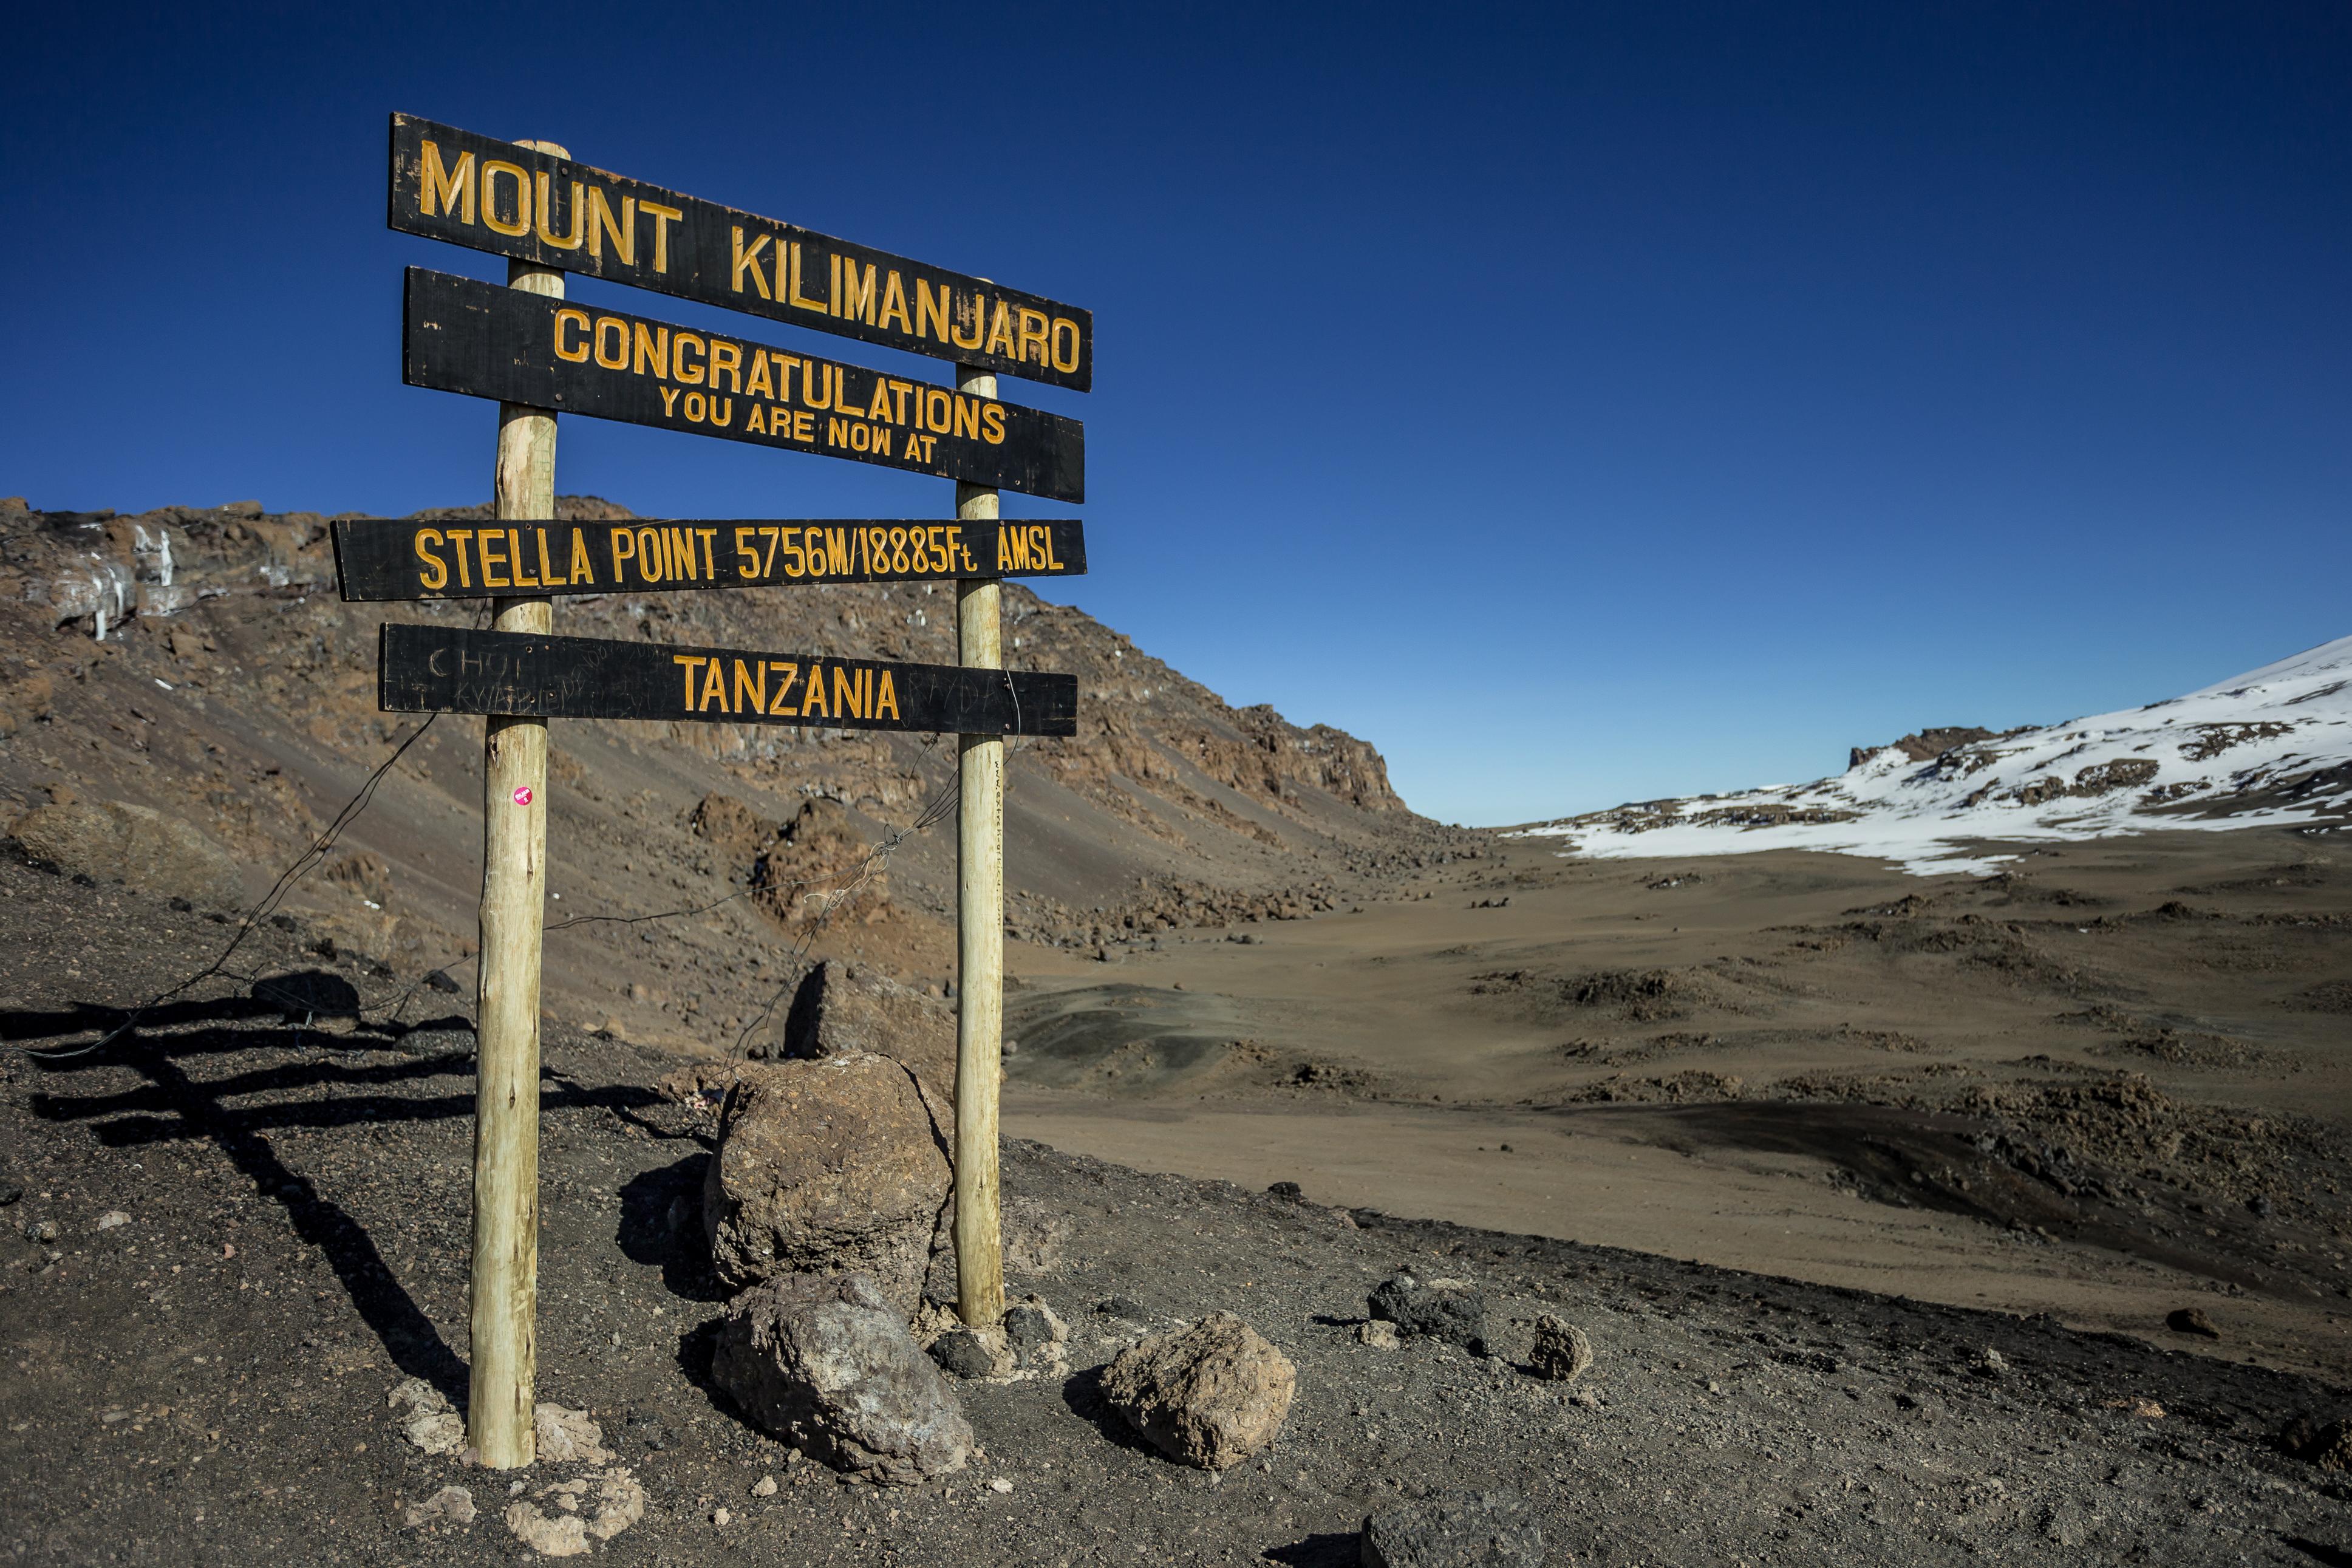 Entre la tierra y el cielo - Tanzania Gran Viaje Ascensión al Kilimanjaro: Ruta Machame